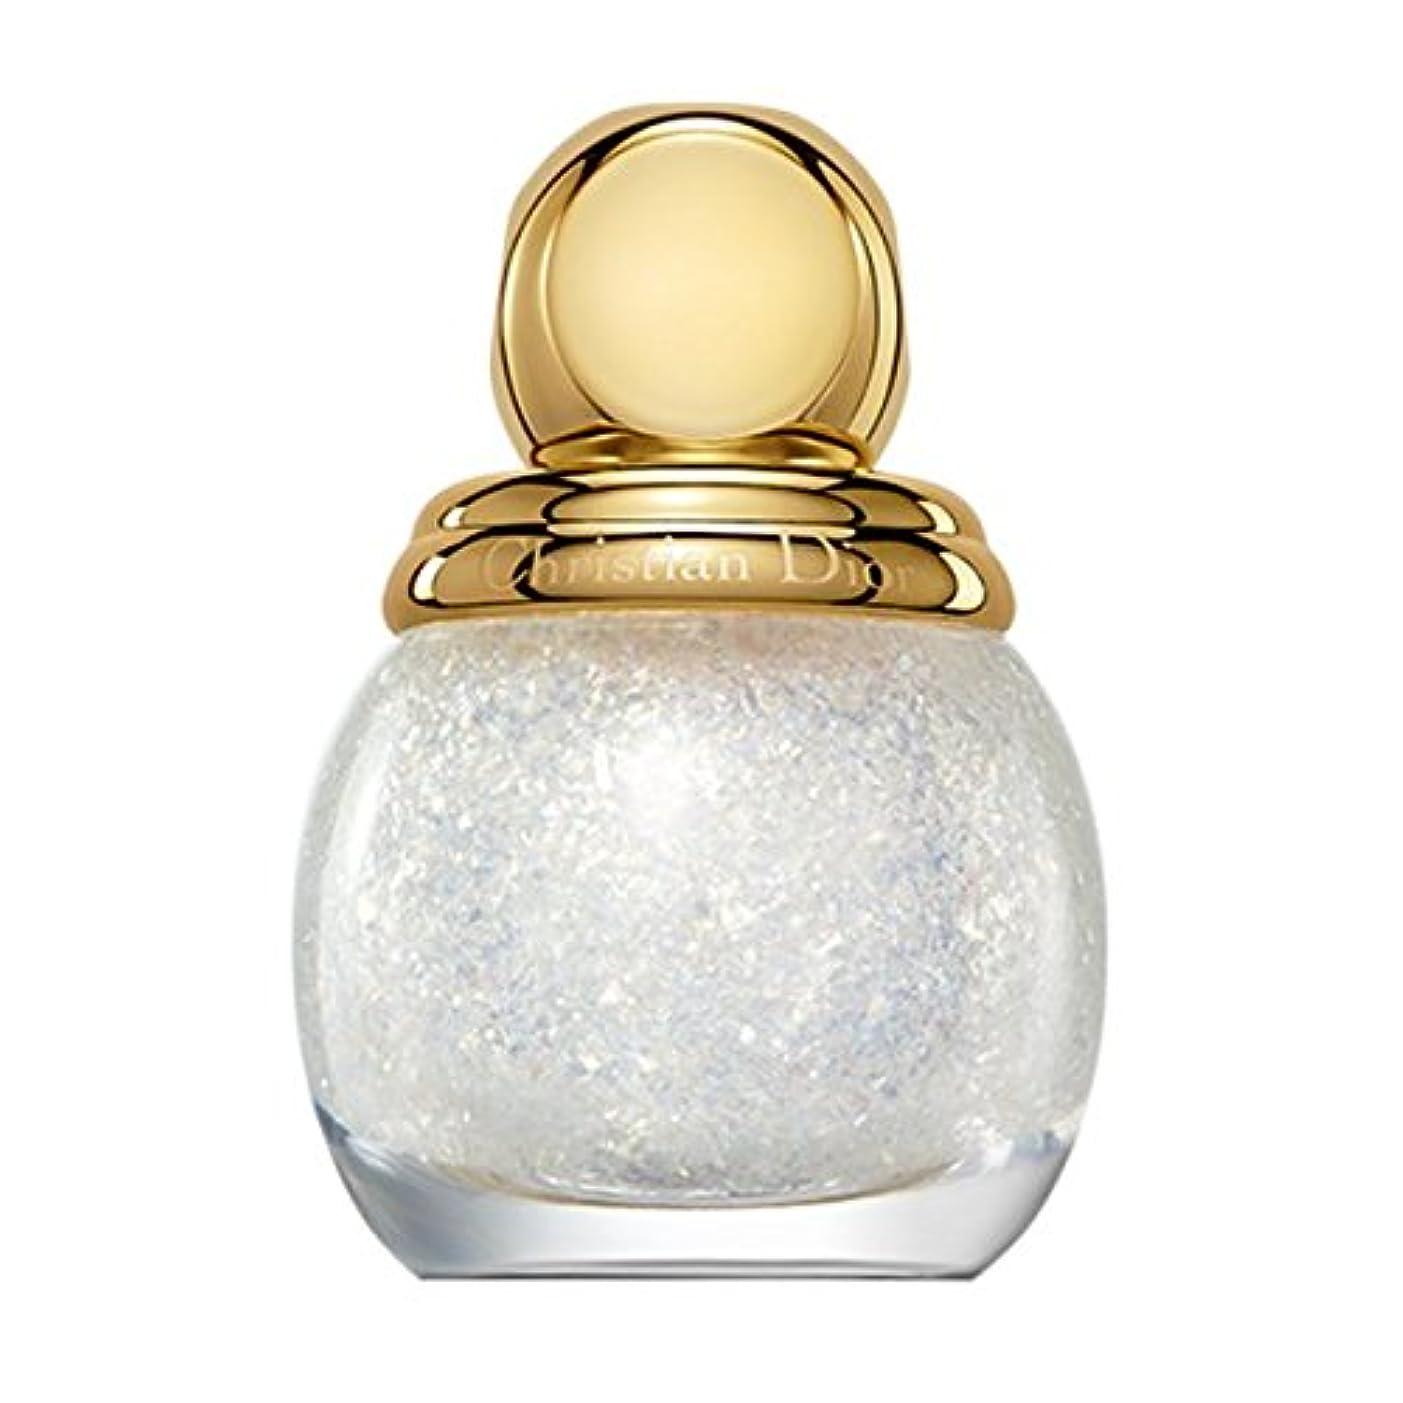 独立イースタービンDIORショッパー付き Dior(ディオール) ヴェルニ ディオリフィック<スプレンダー> 限定品 #001 ノバ